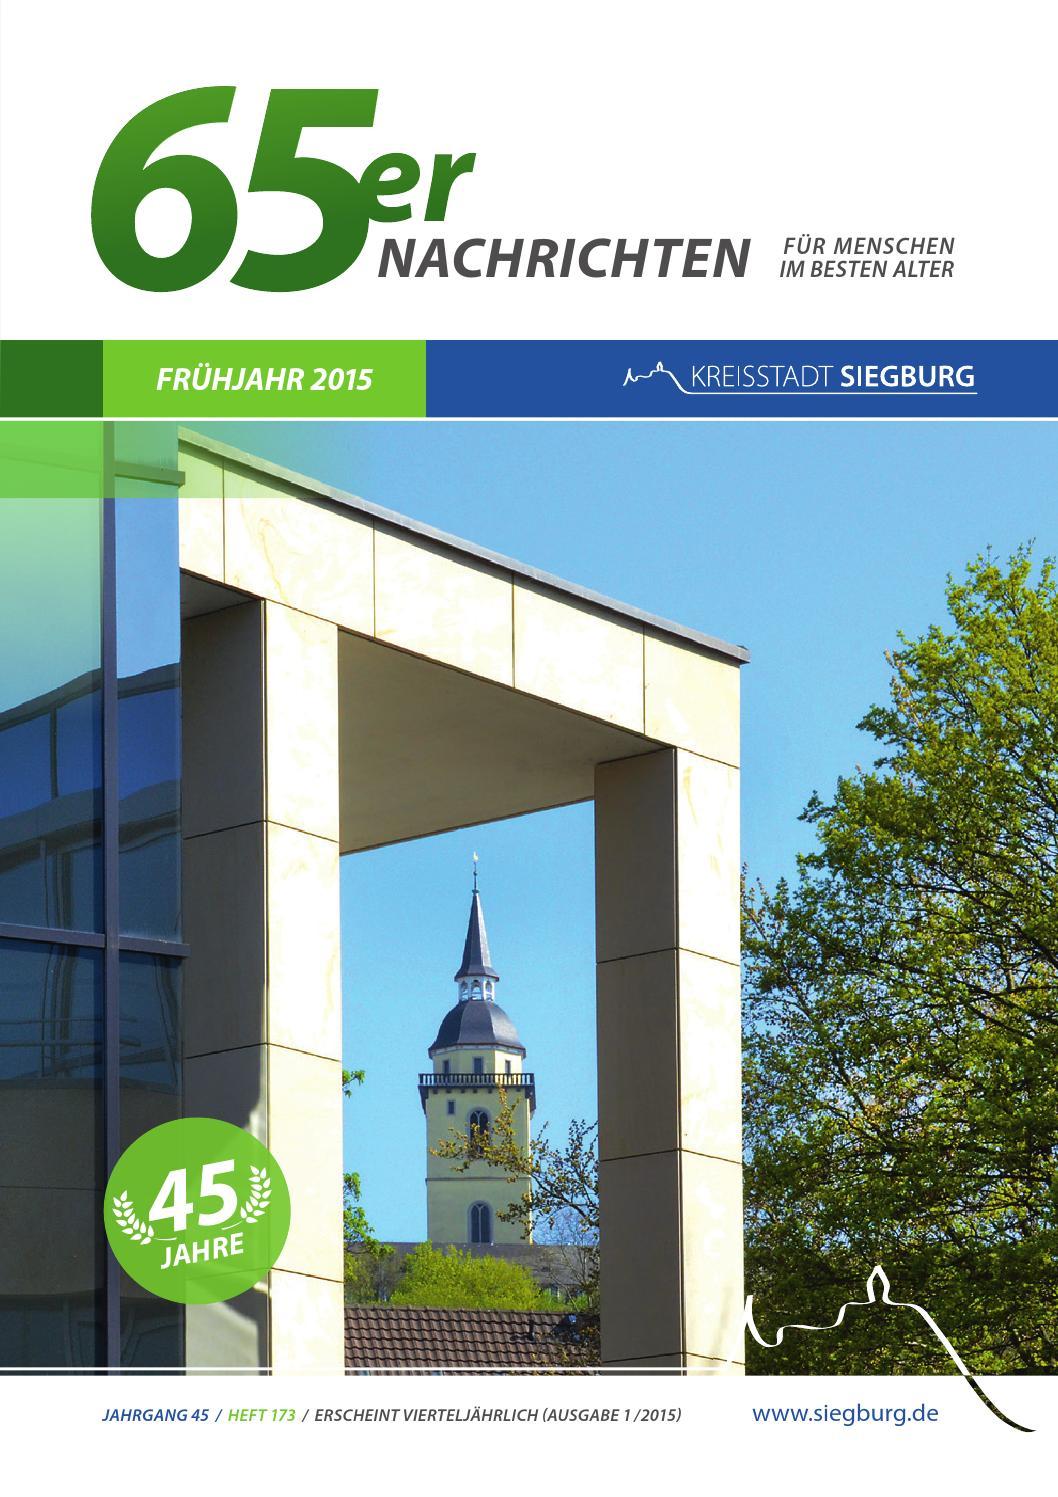 65er nachrichten frühjahr komplett by Patrick Schaab - issuu